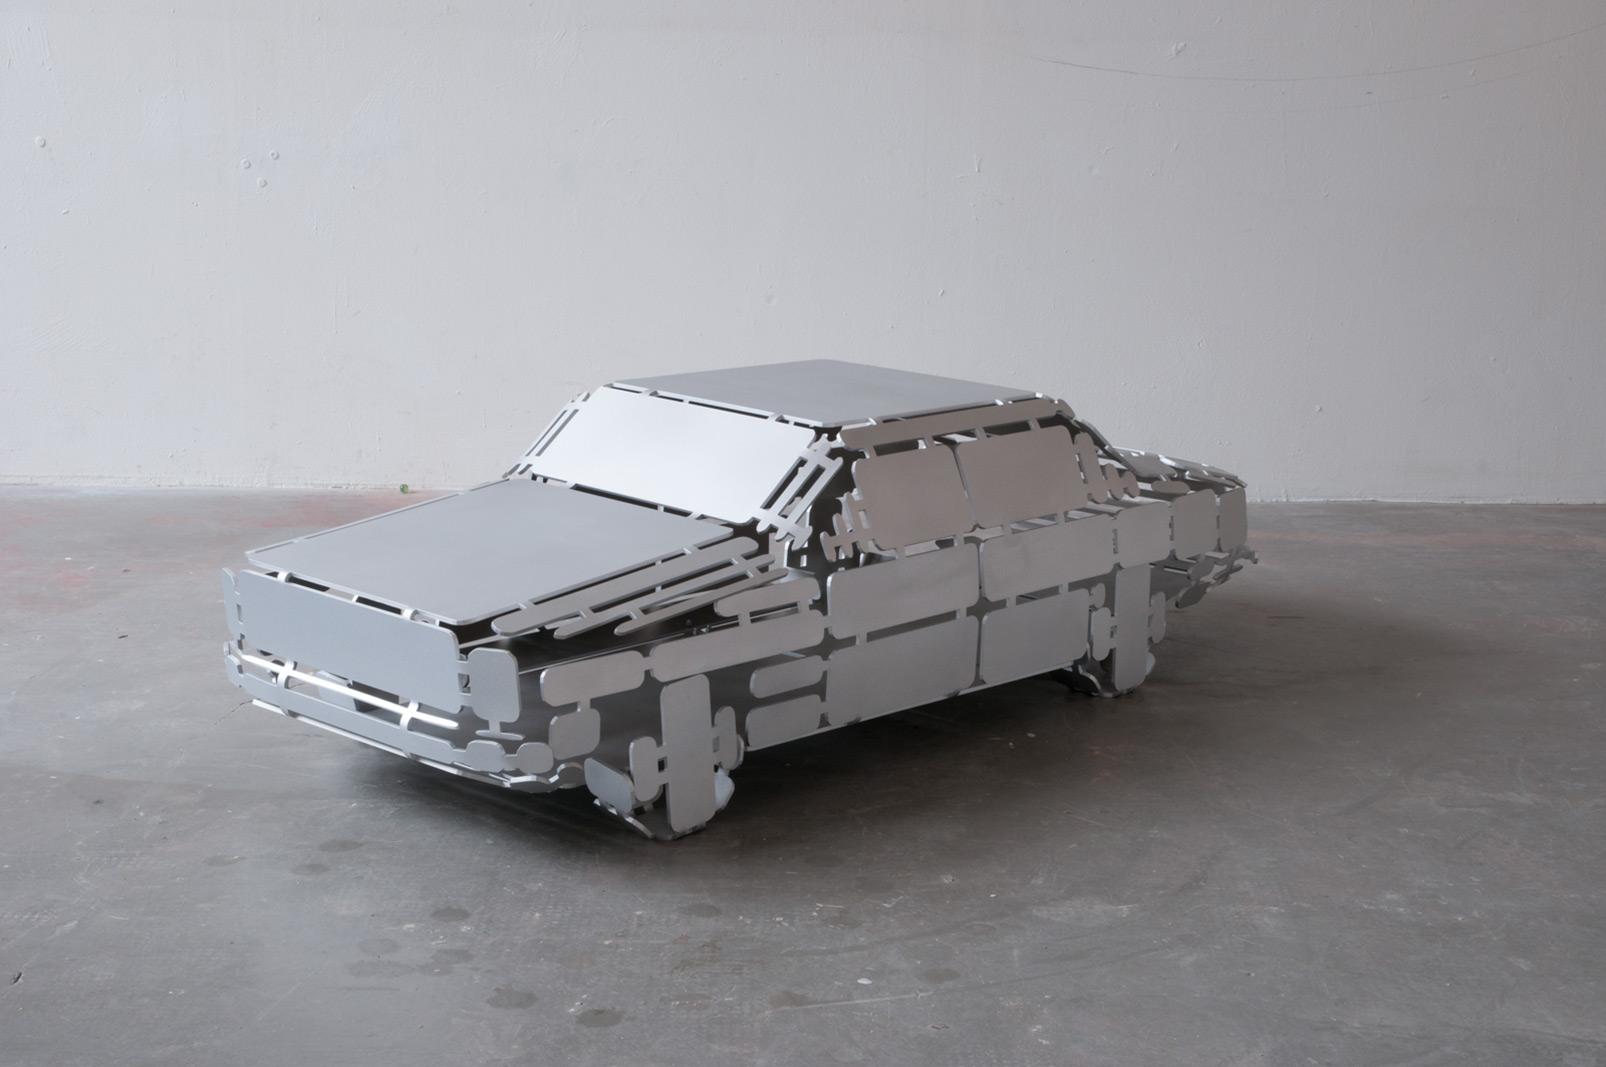 carsculpture aluminium